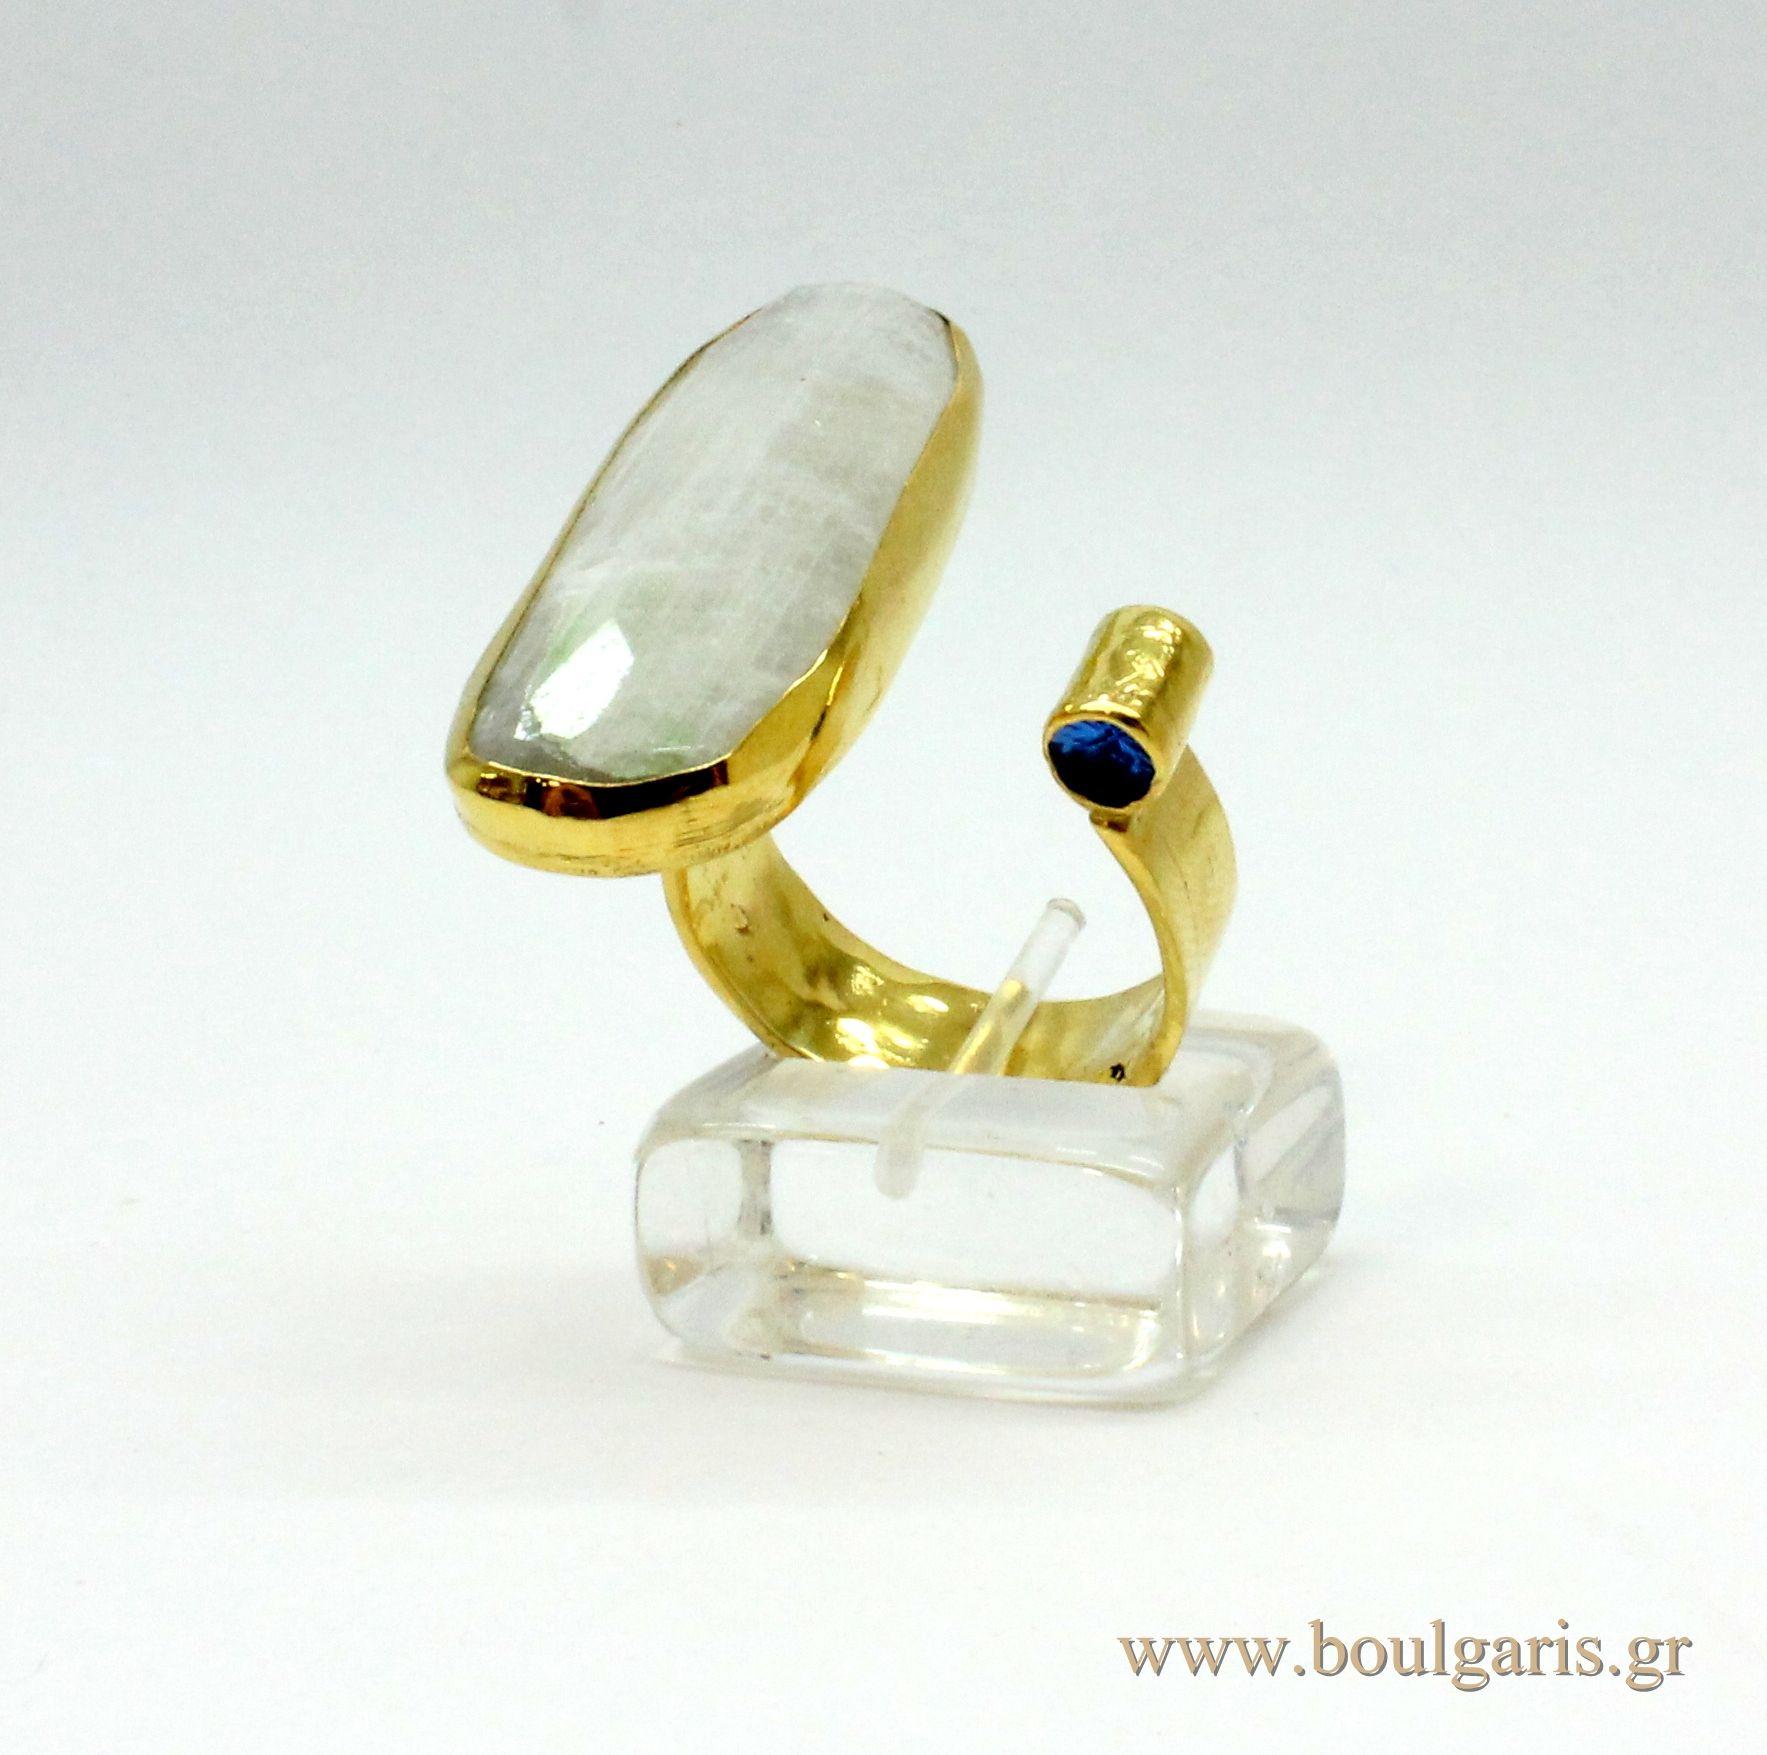 www.boulgaris.gr